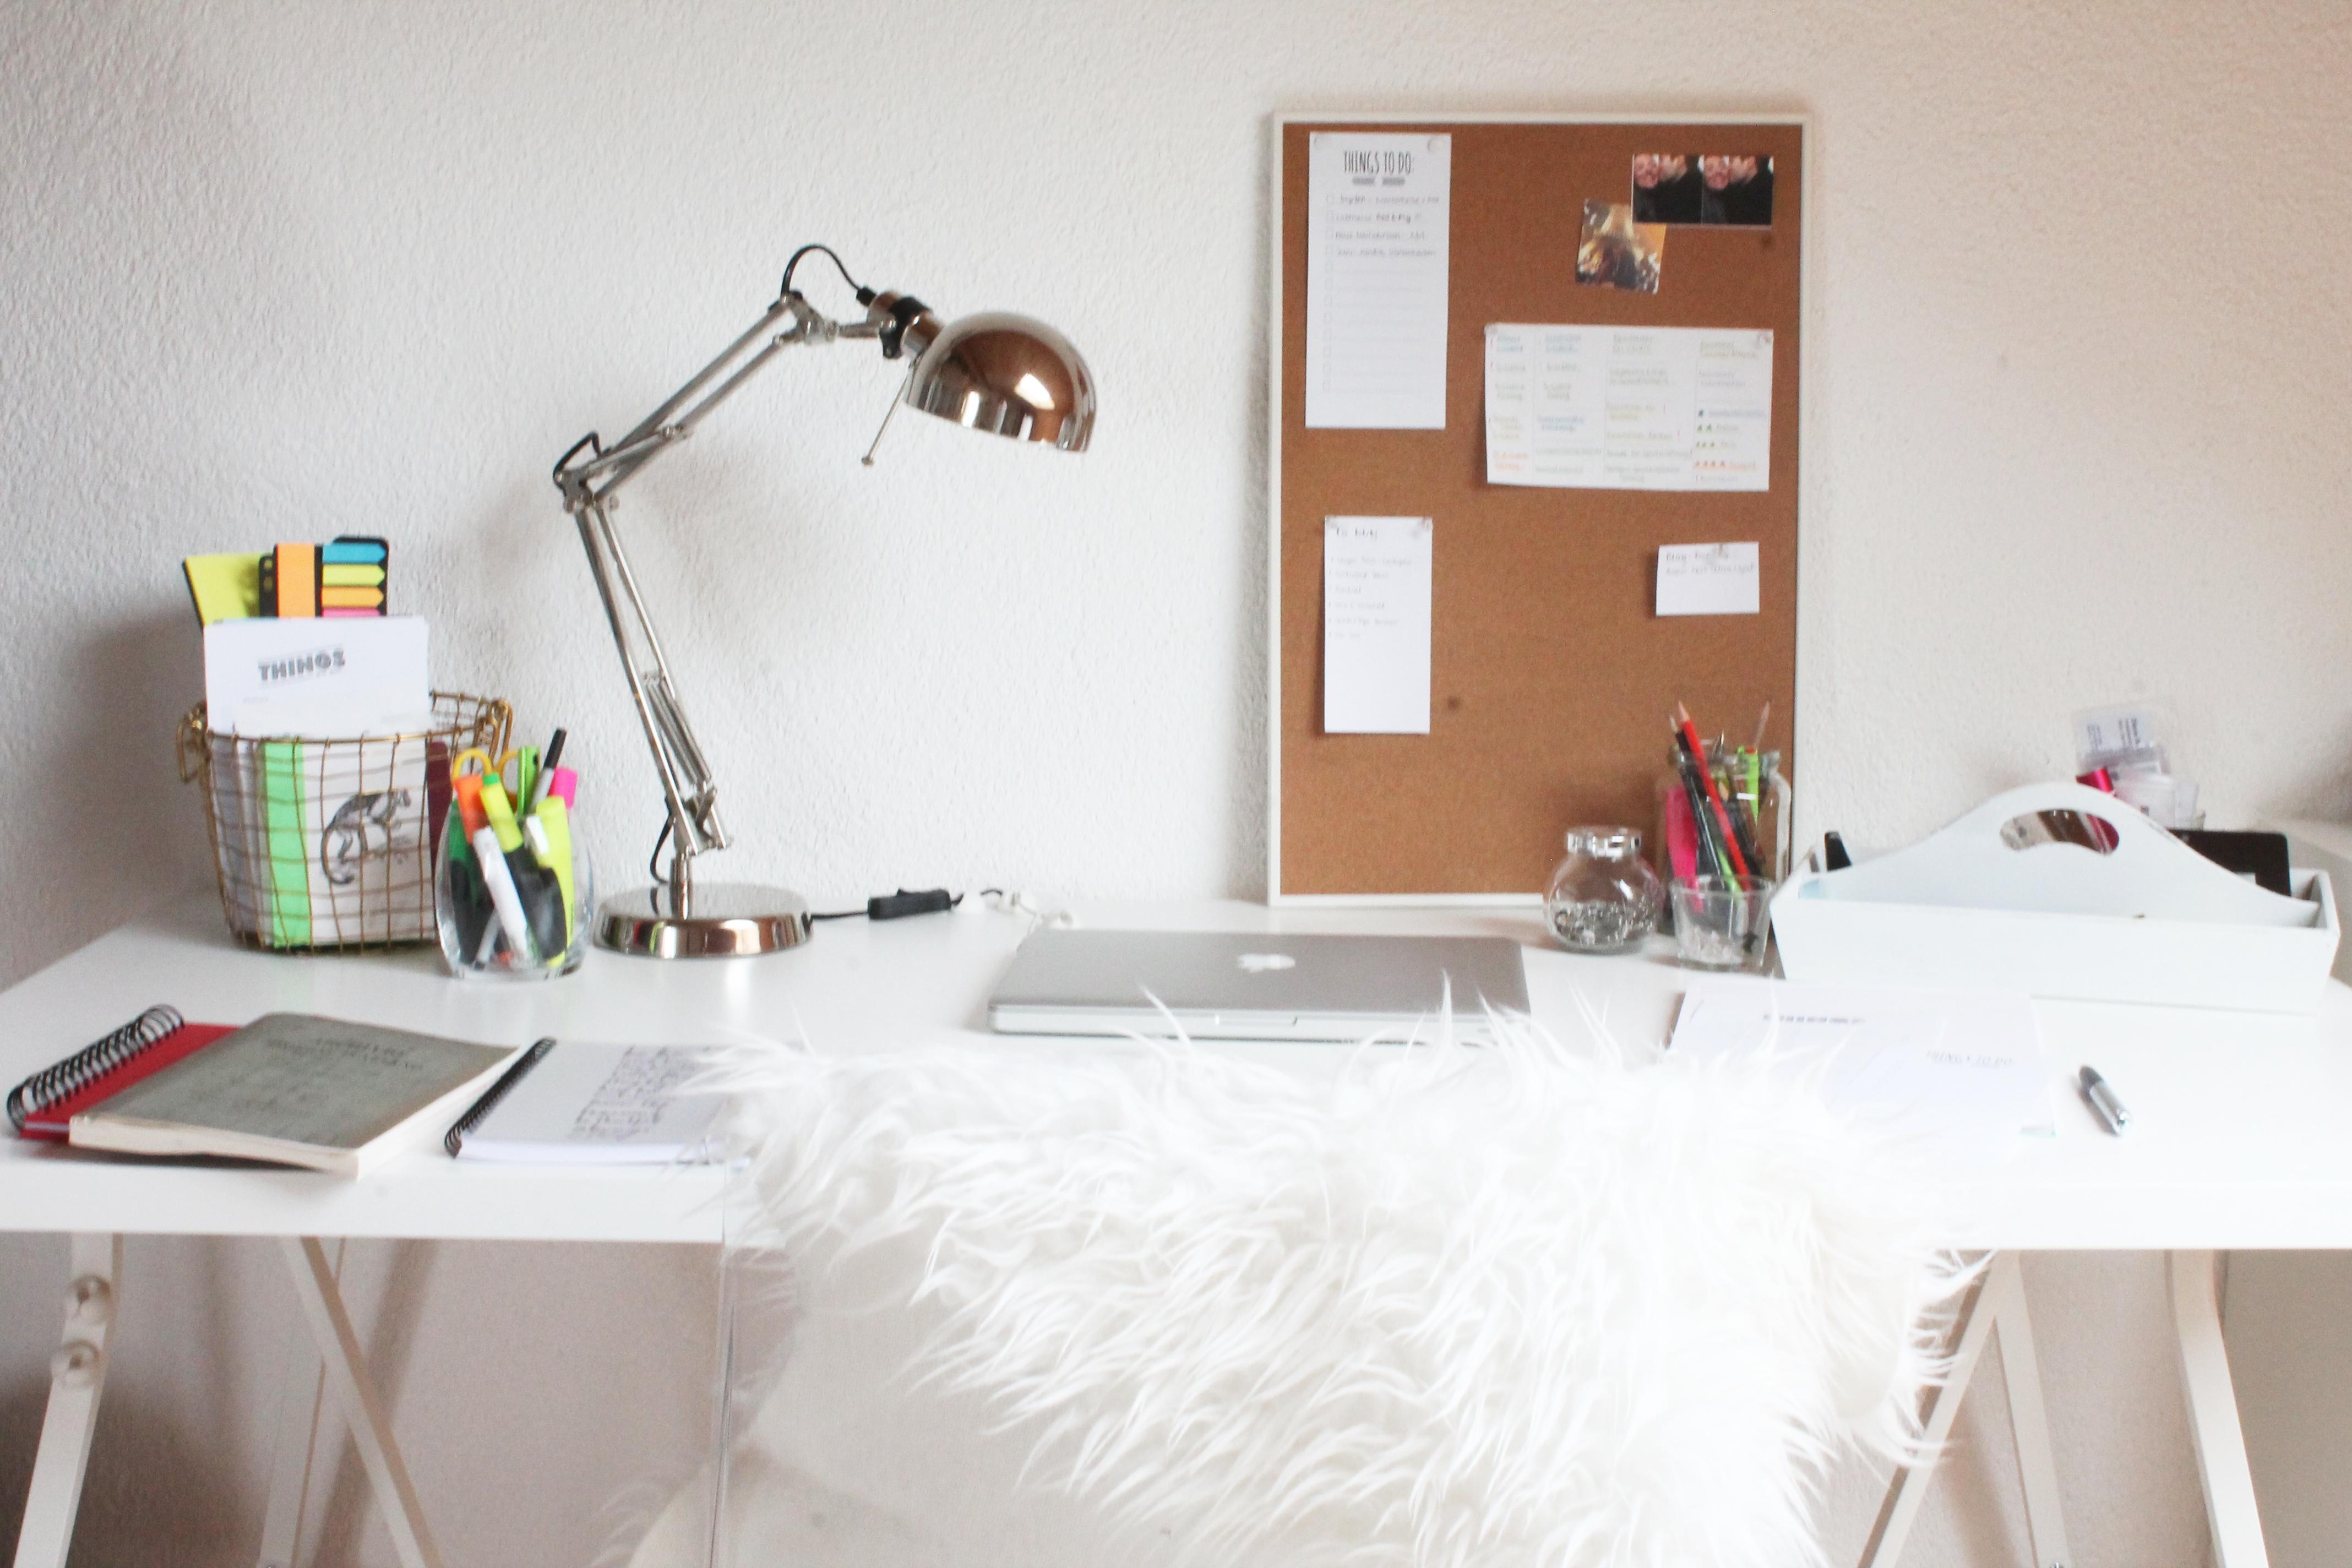 Ikea_White_Schreibtisch